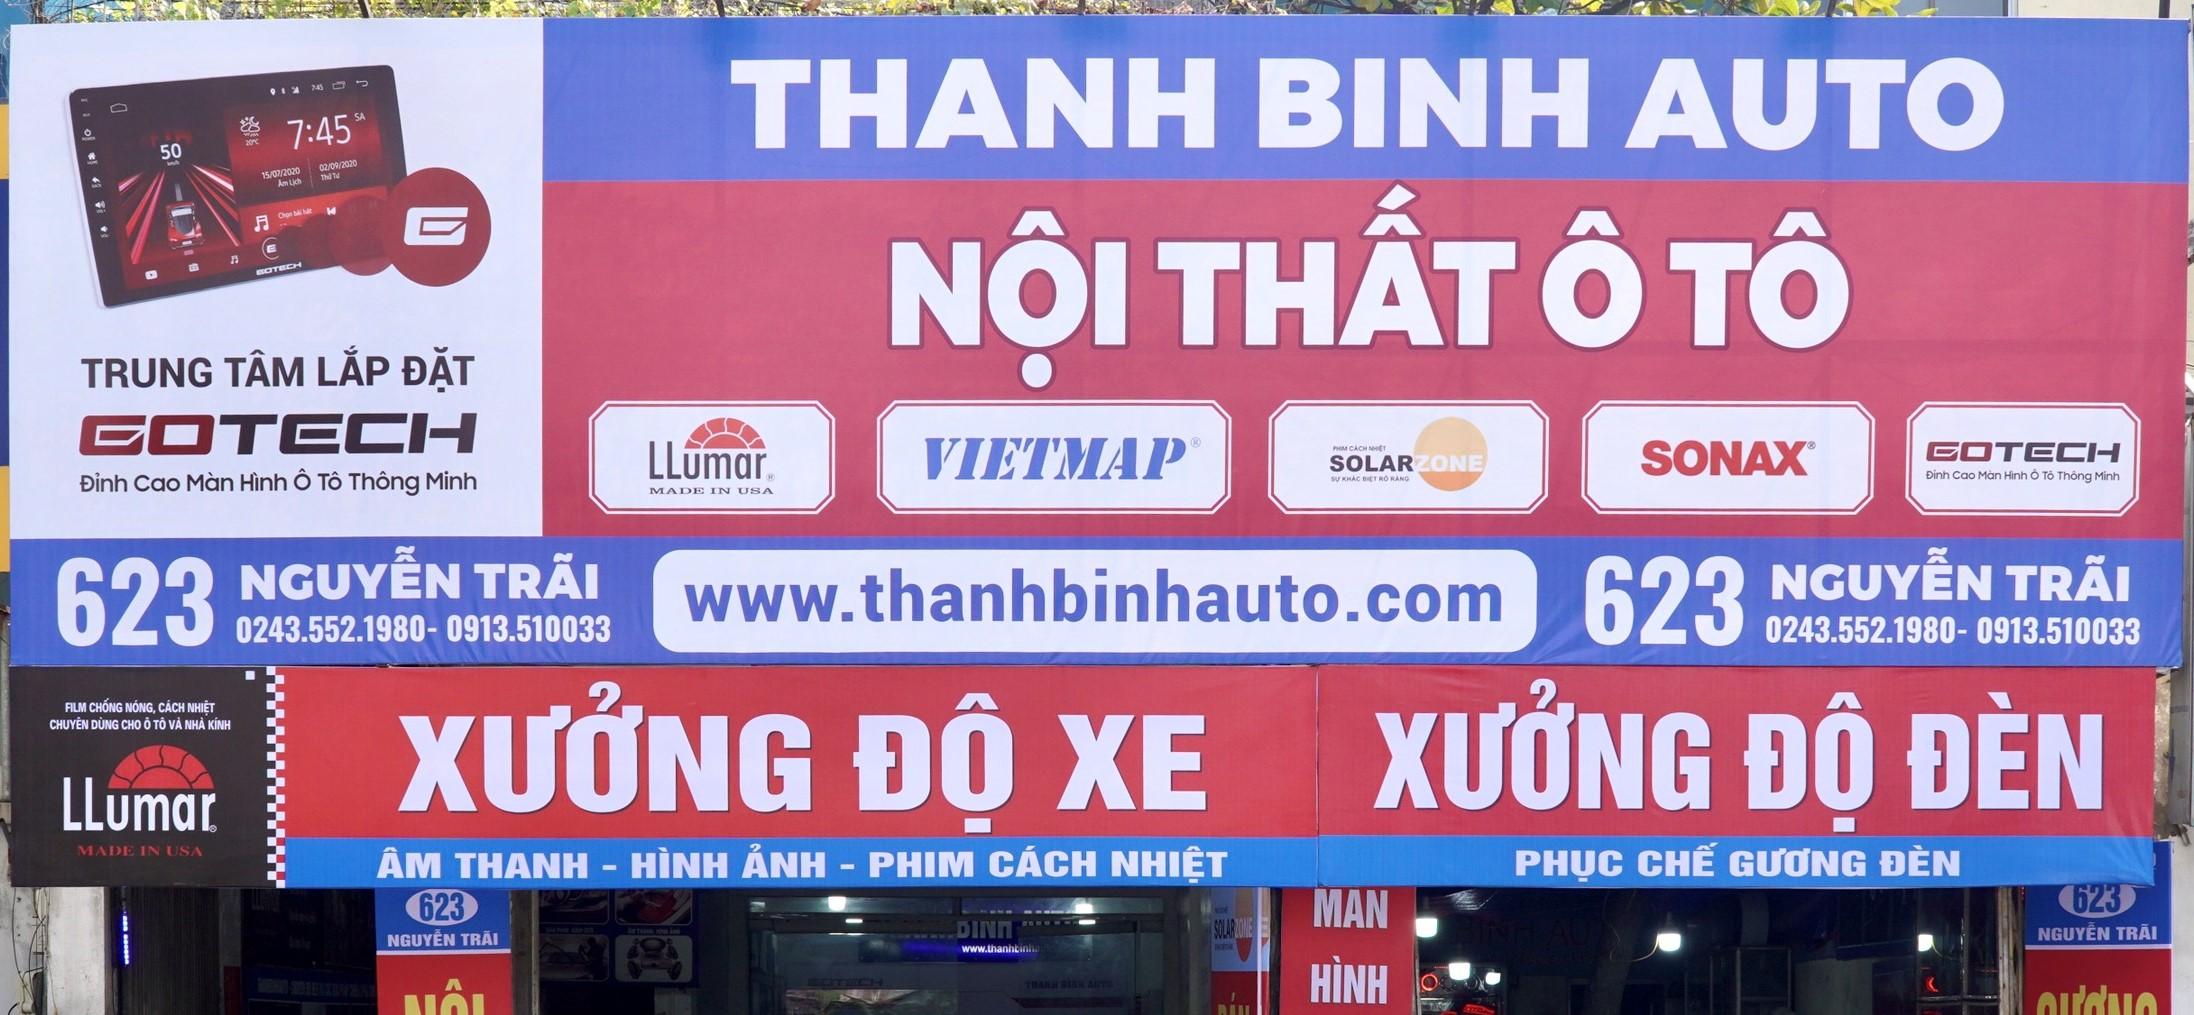 Chuỗi cửa hàng Thanh Bình Auto tại Hà Nội